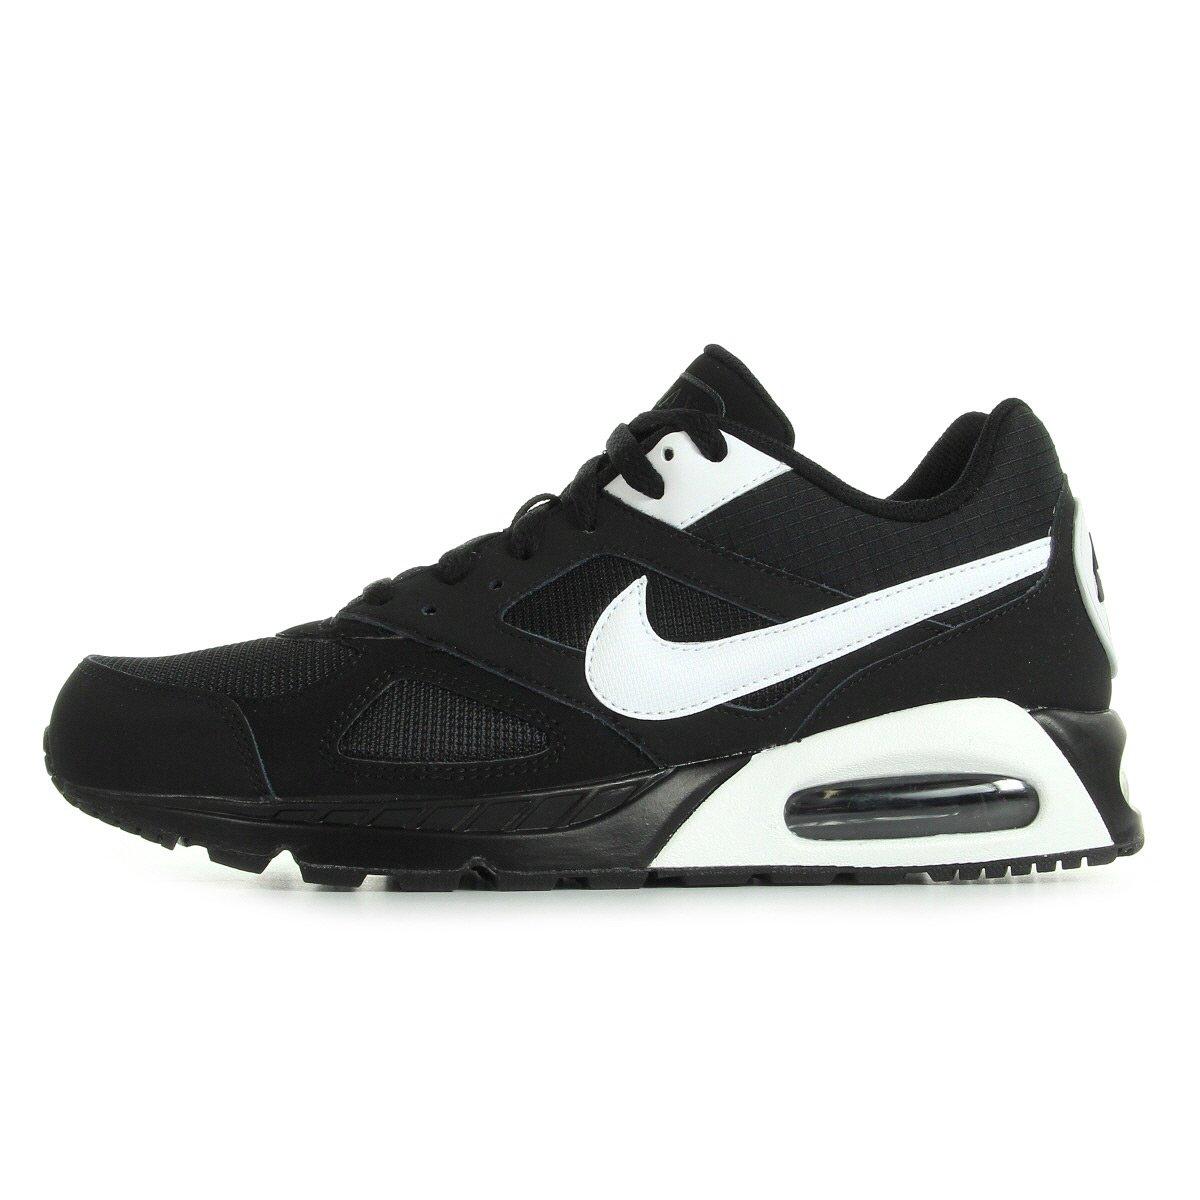 b0dff1957bcc Nike